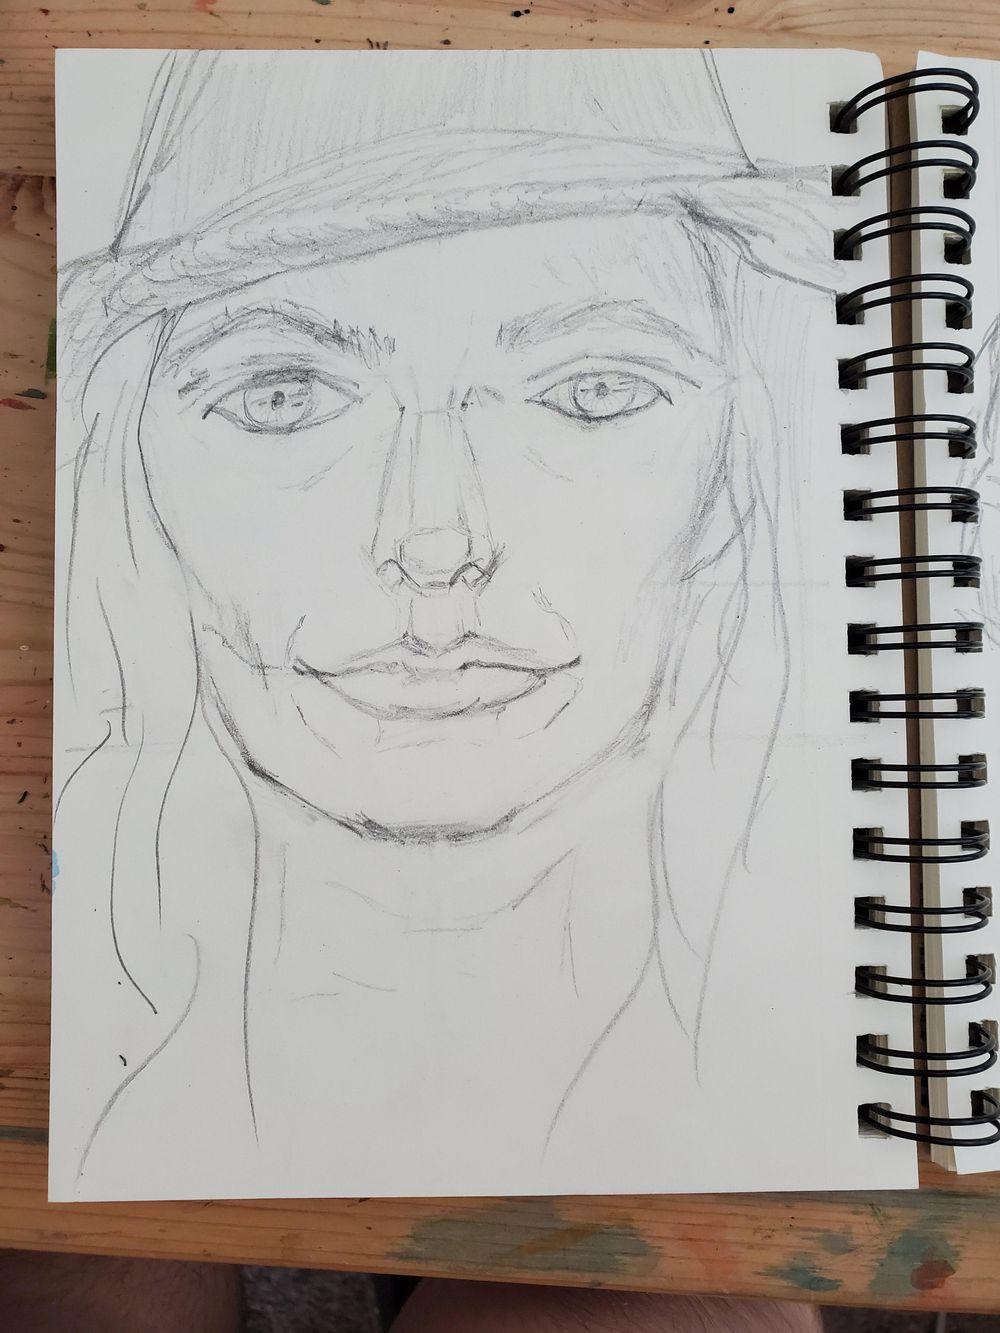 Self Portrait Attempts - image 2 - student project